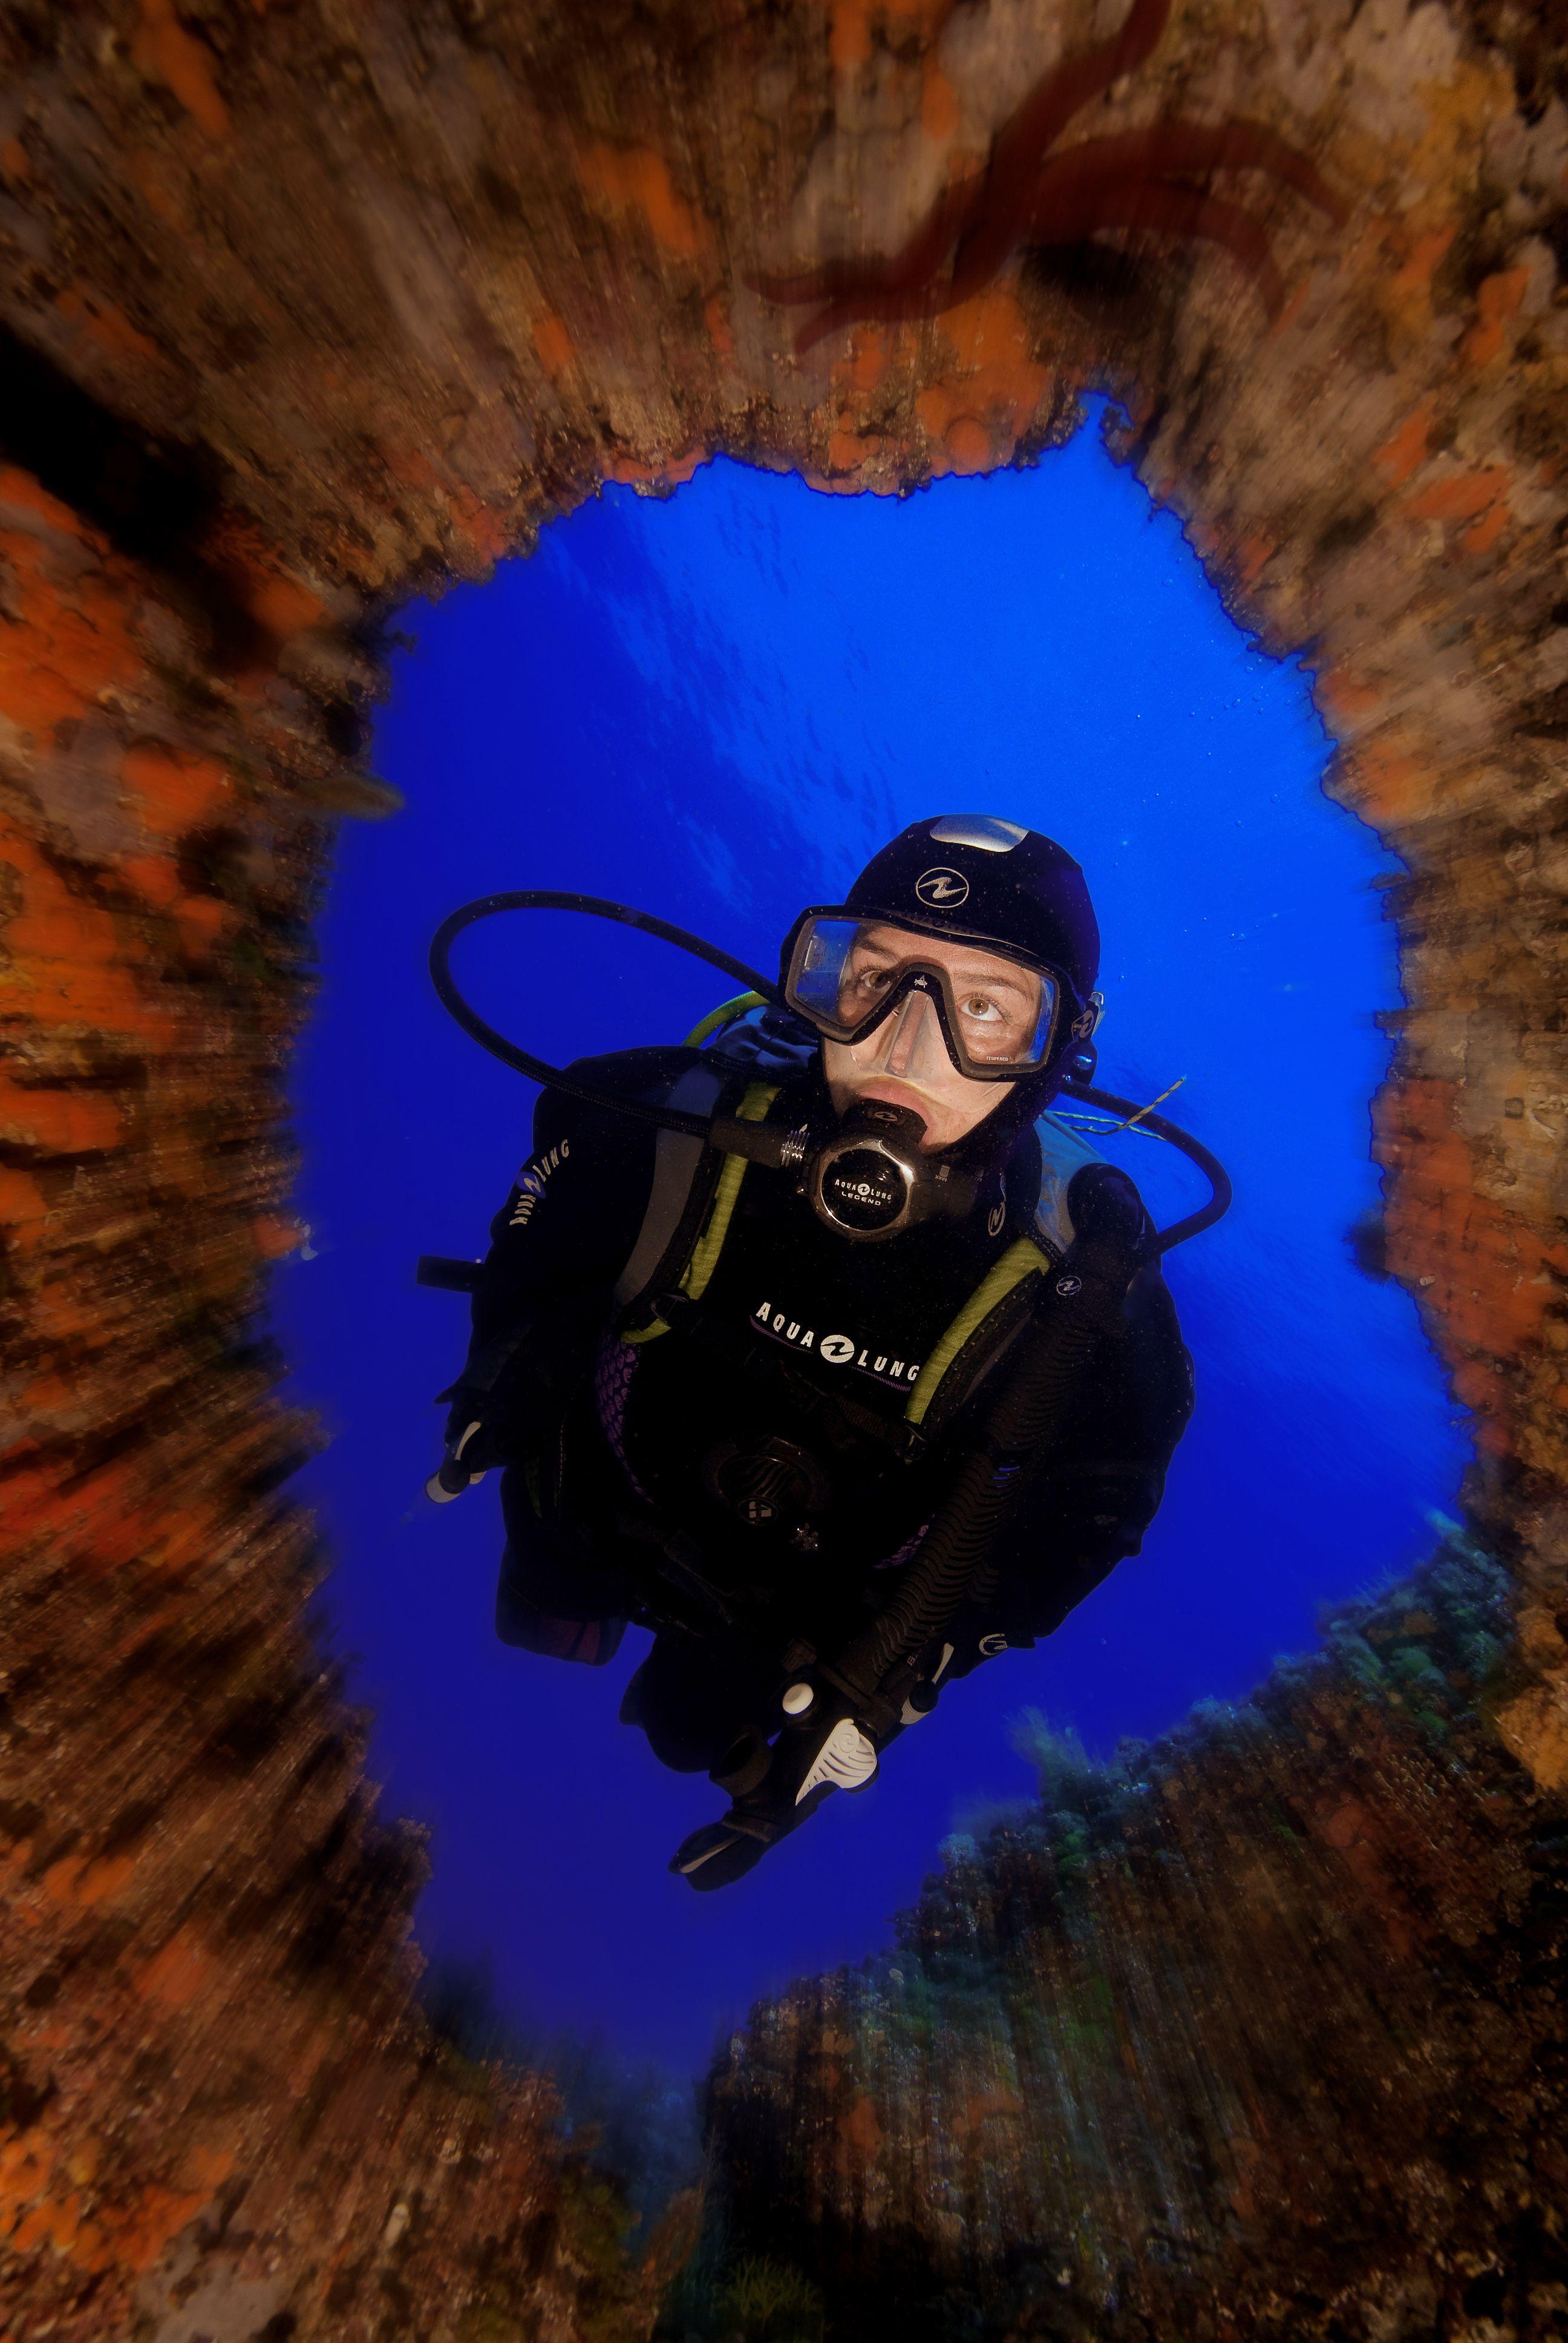 Adéntrate en las profundidades submarinas buceo